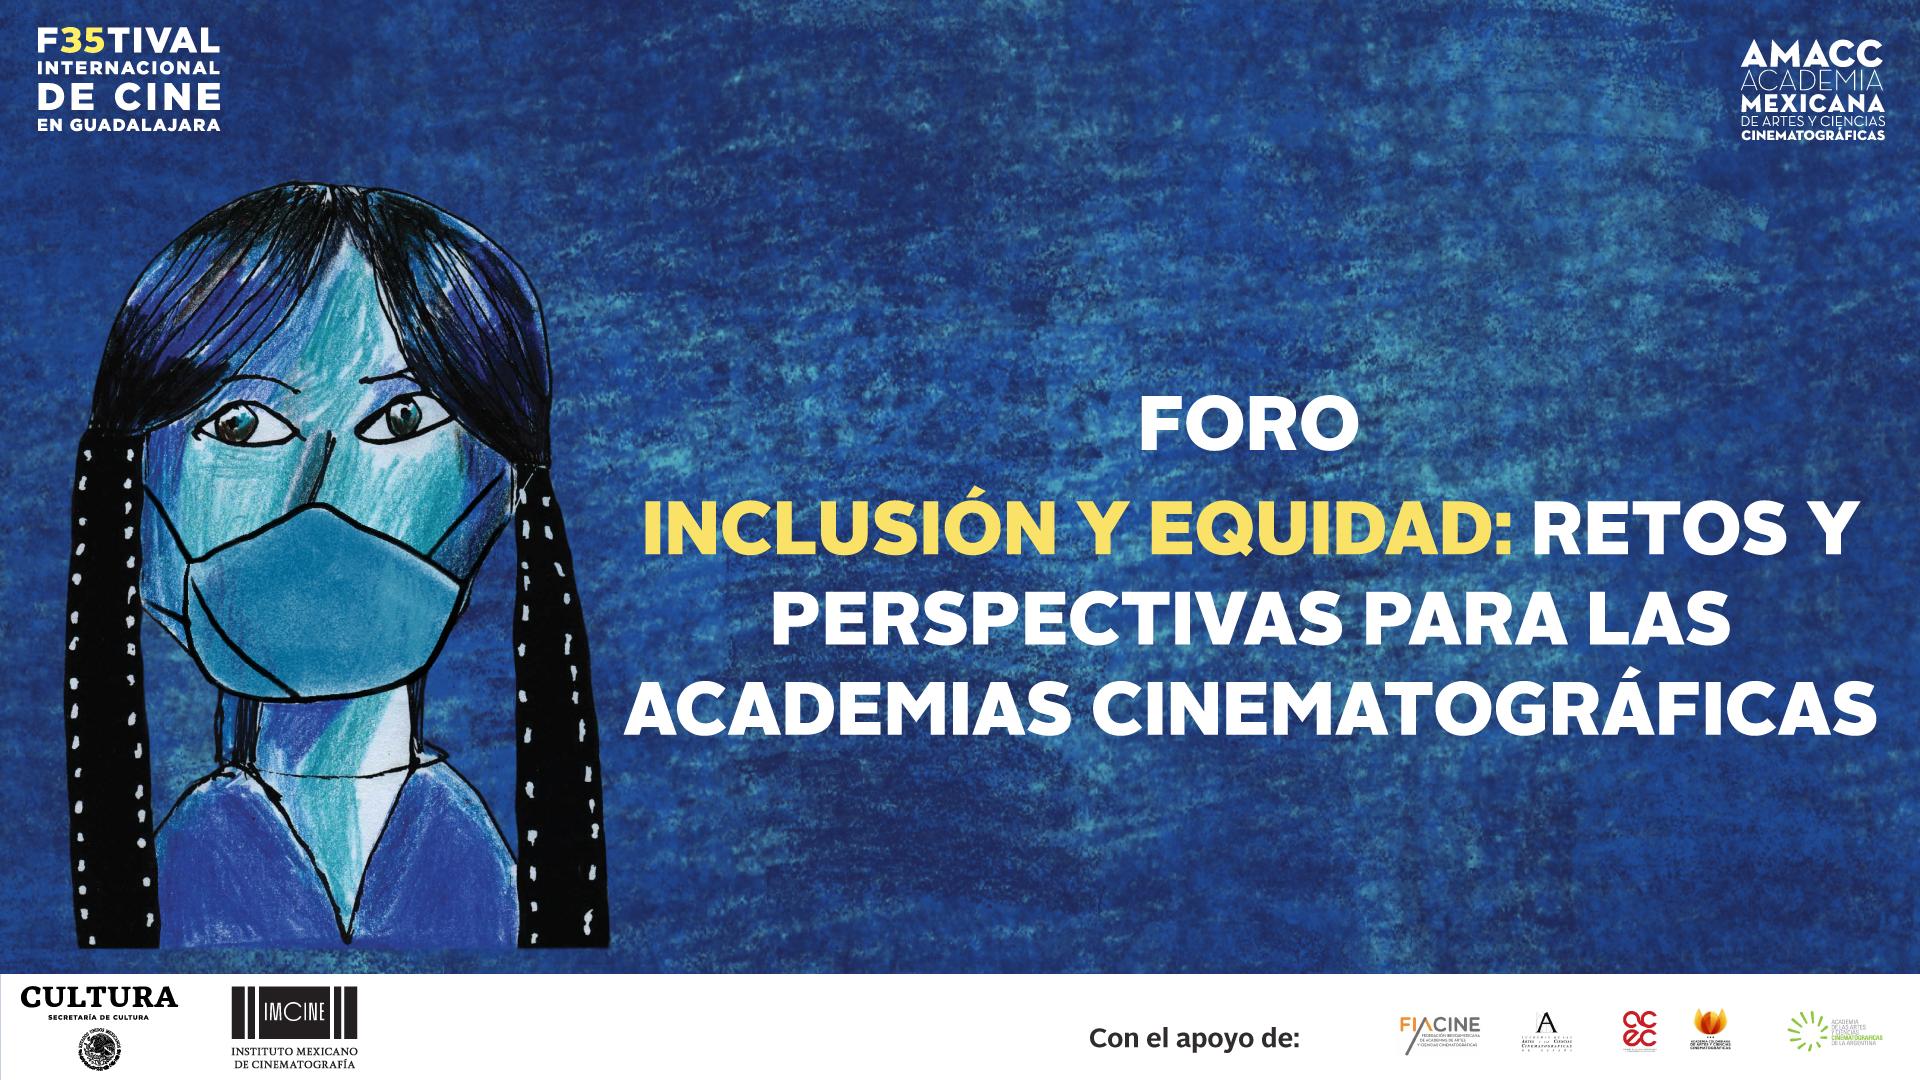 FORO Inclusión y equidad: retos y perspectivas para las Academias Cinematográficas